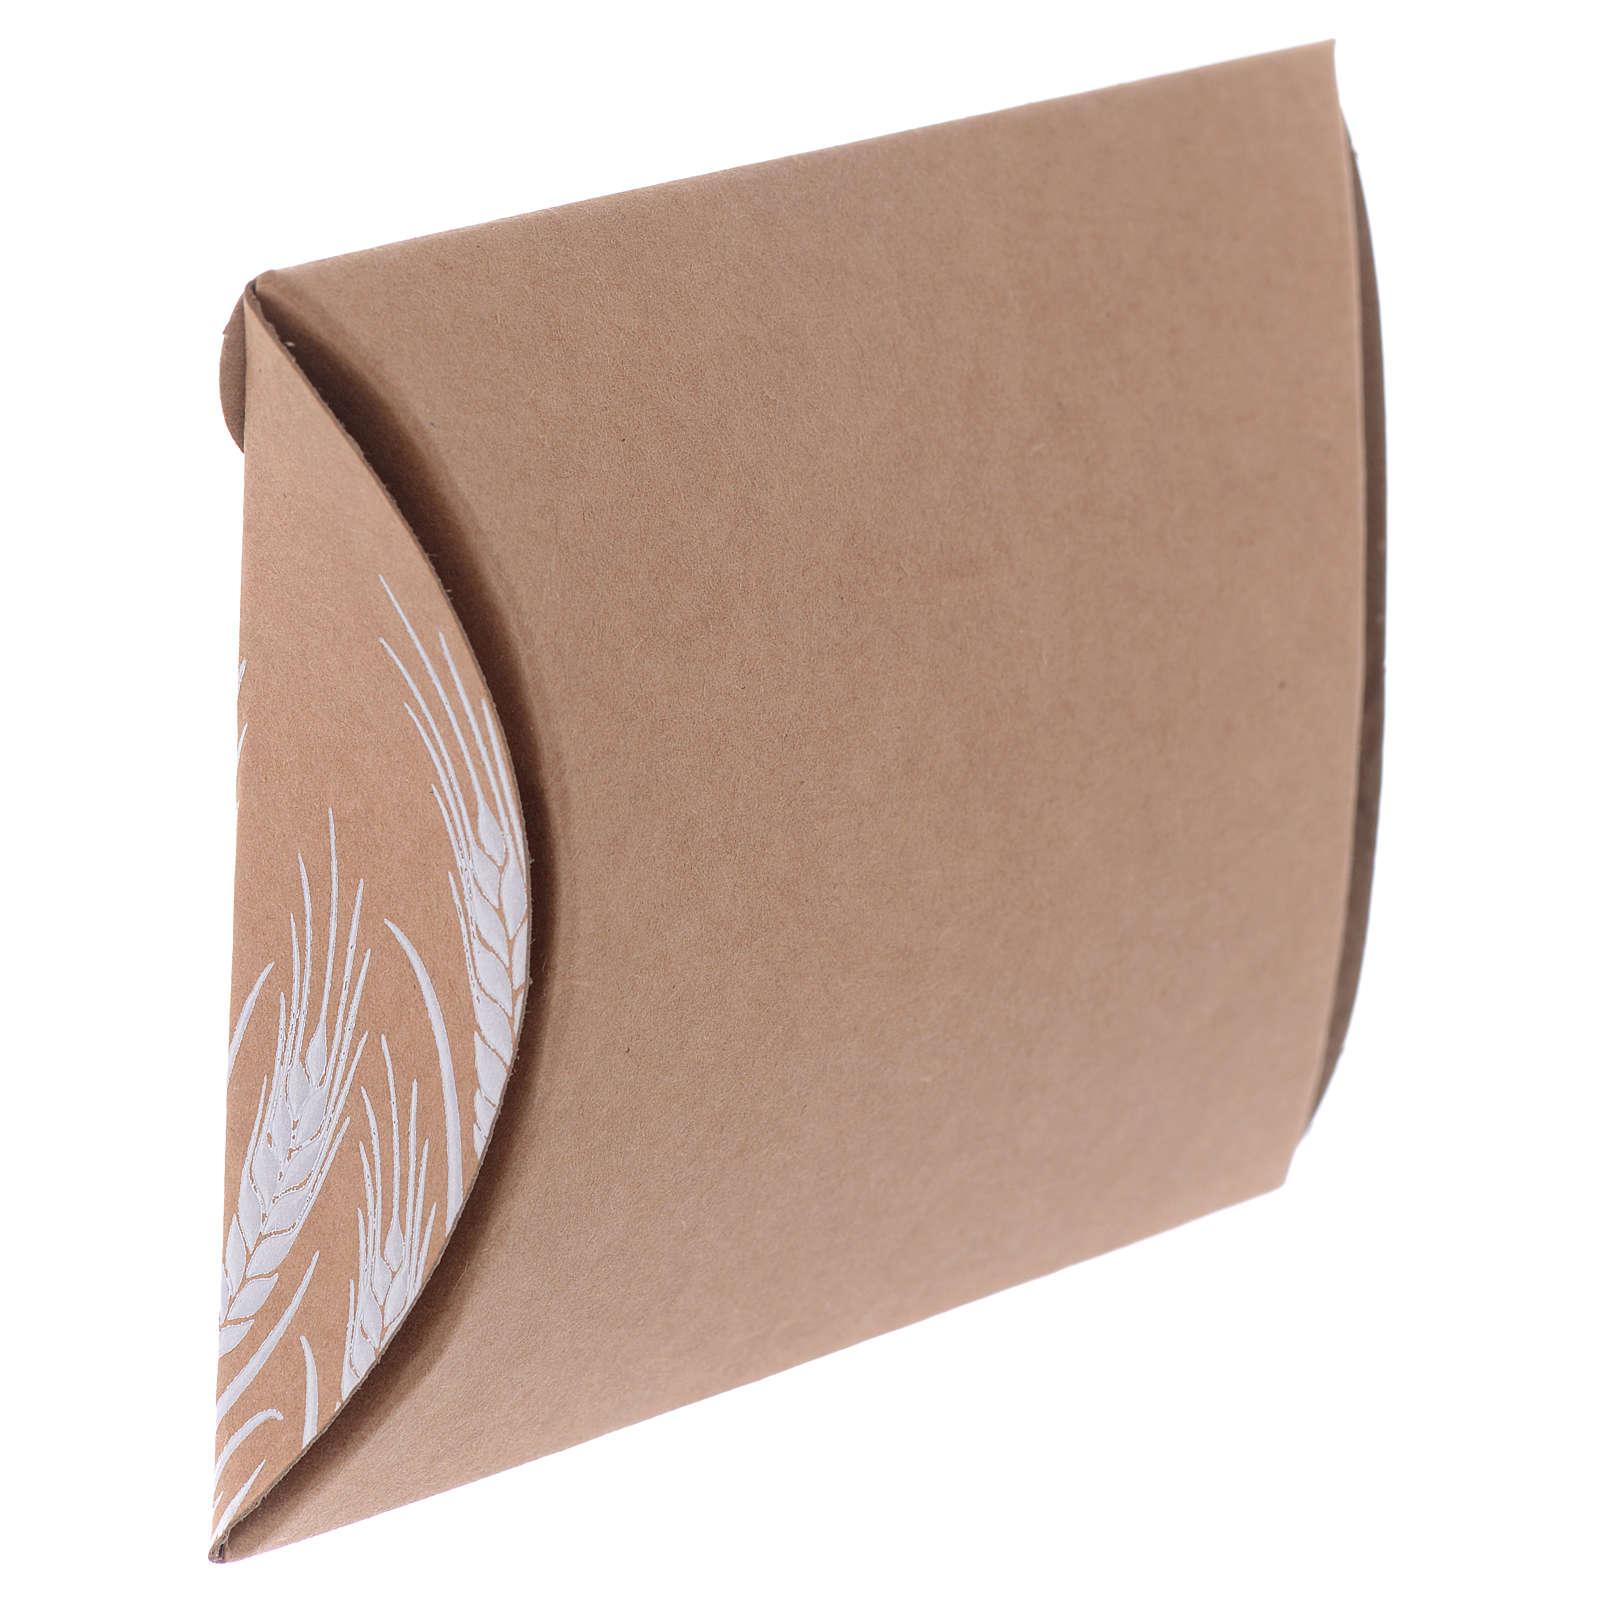 Boîte bonbonnière Communion impression en blanc h 8 cm 3